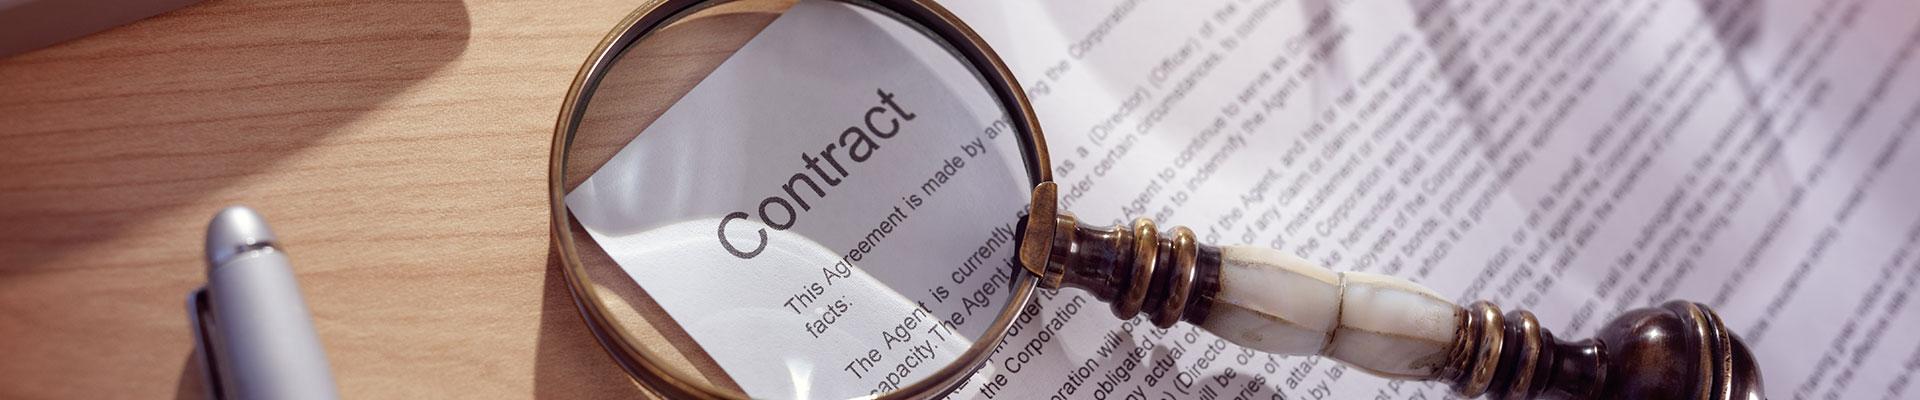 brug masser af tid på at granske kontrakter